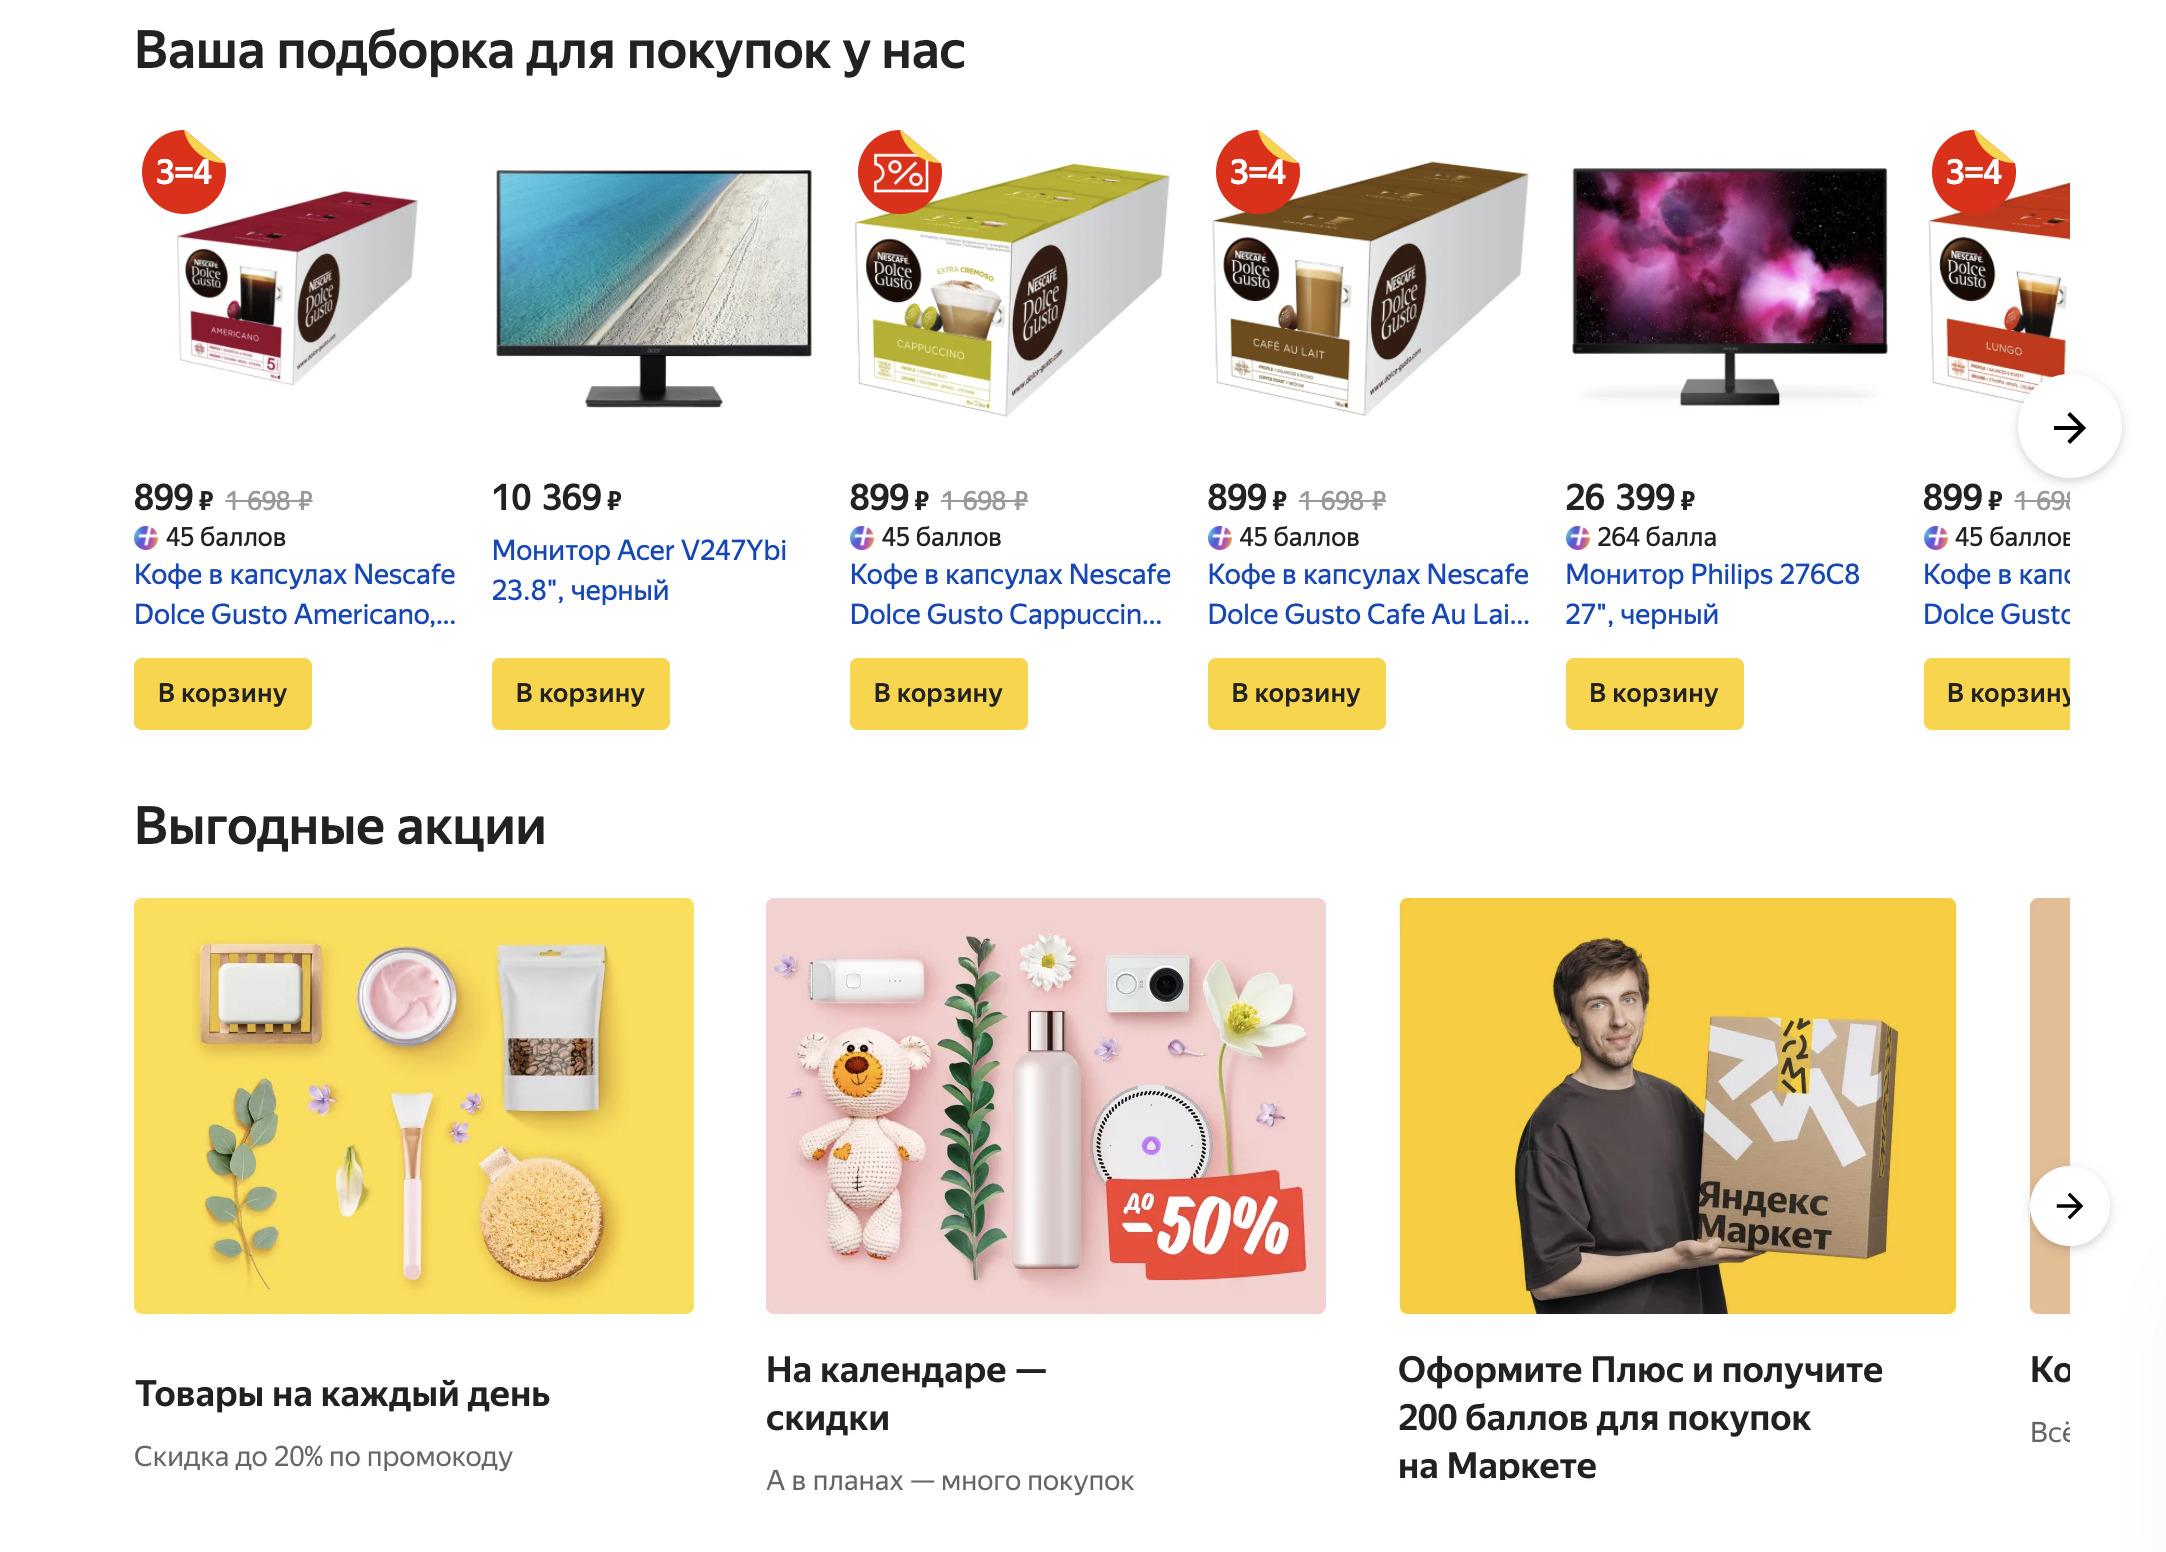 Доставка из Яндекс.Маркет в Боровичи, сроки, пункты выдачи, каталог